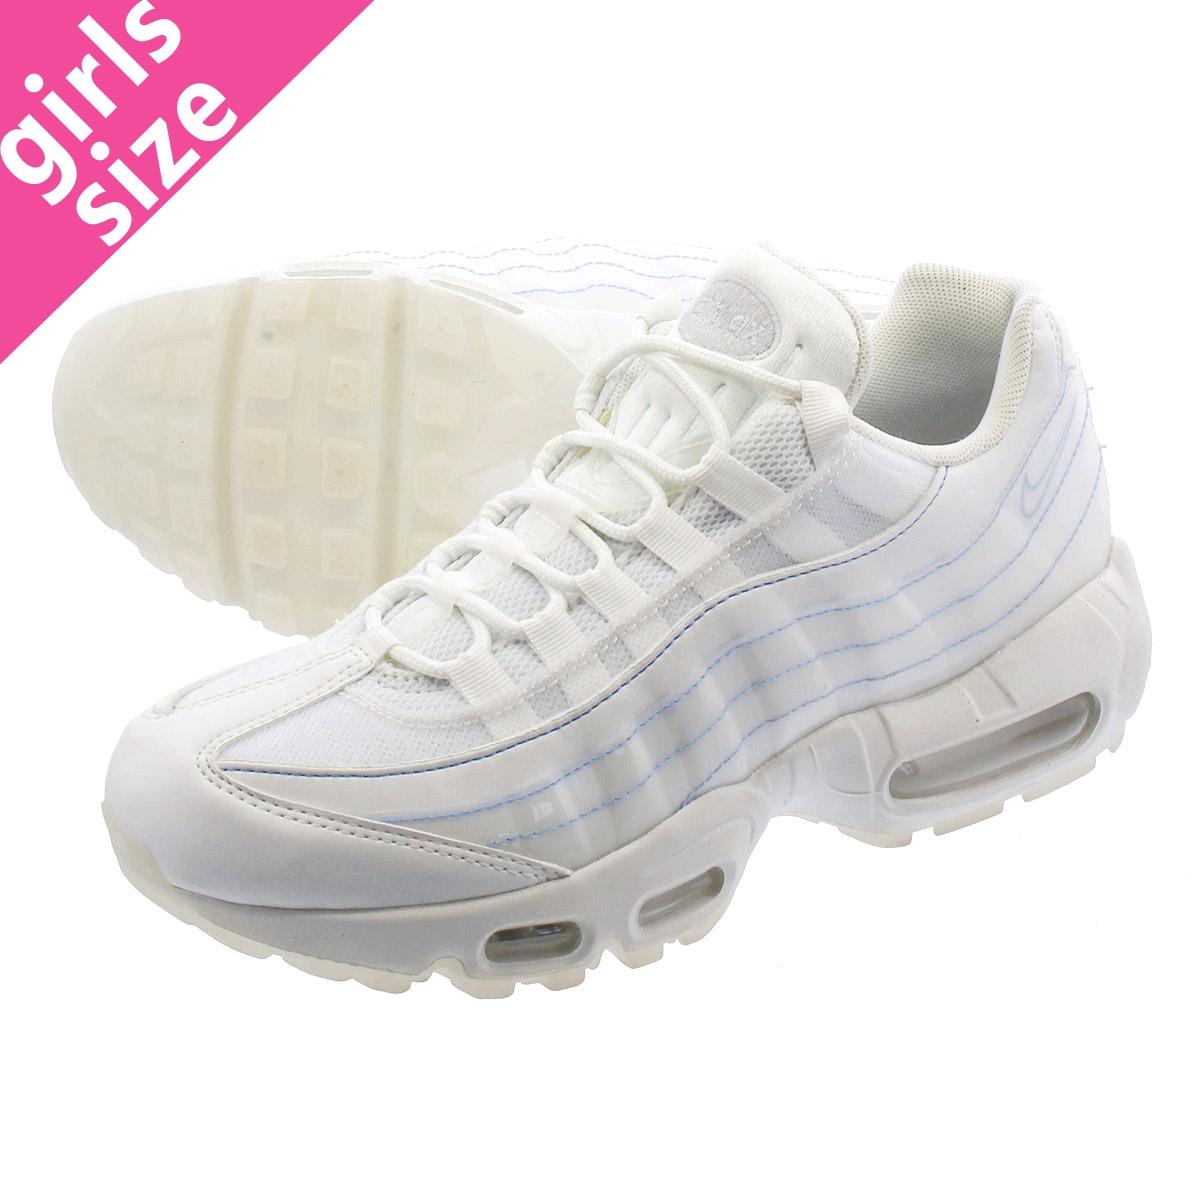 5a4f800c20 NIKE WMNS AIR MAX 95 SE Nike women Air Max 95 SE SUMMIT WHITE/SUMMIT ...